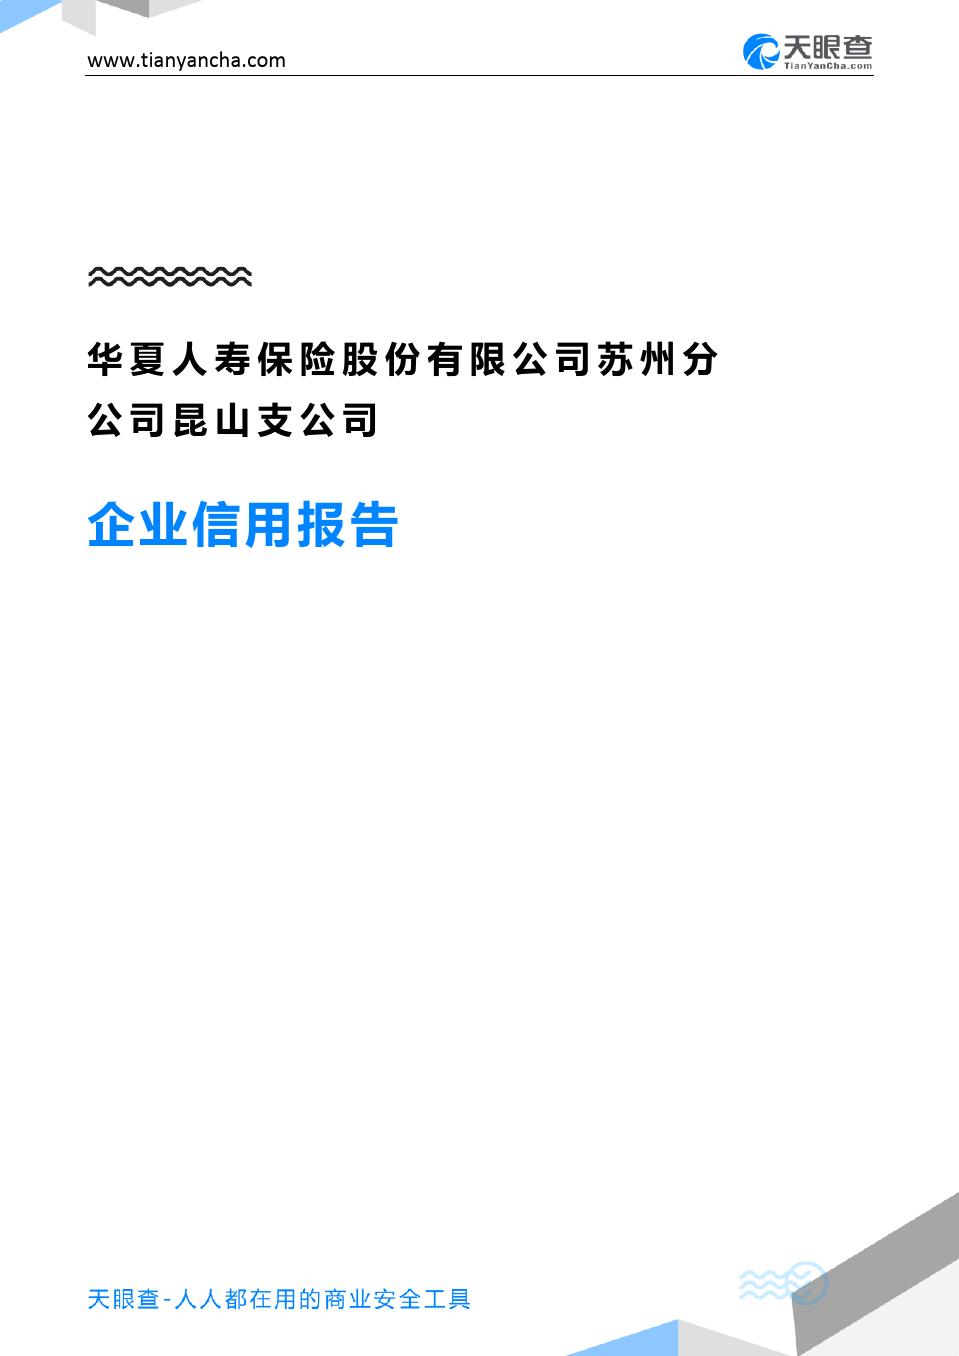 华夏人寿股东构成 华夏人寿保险股份有限公司浙江分公司邮箱